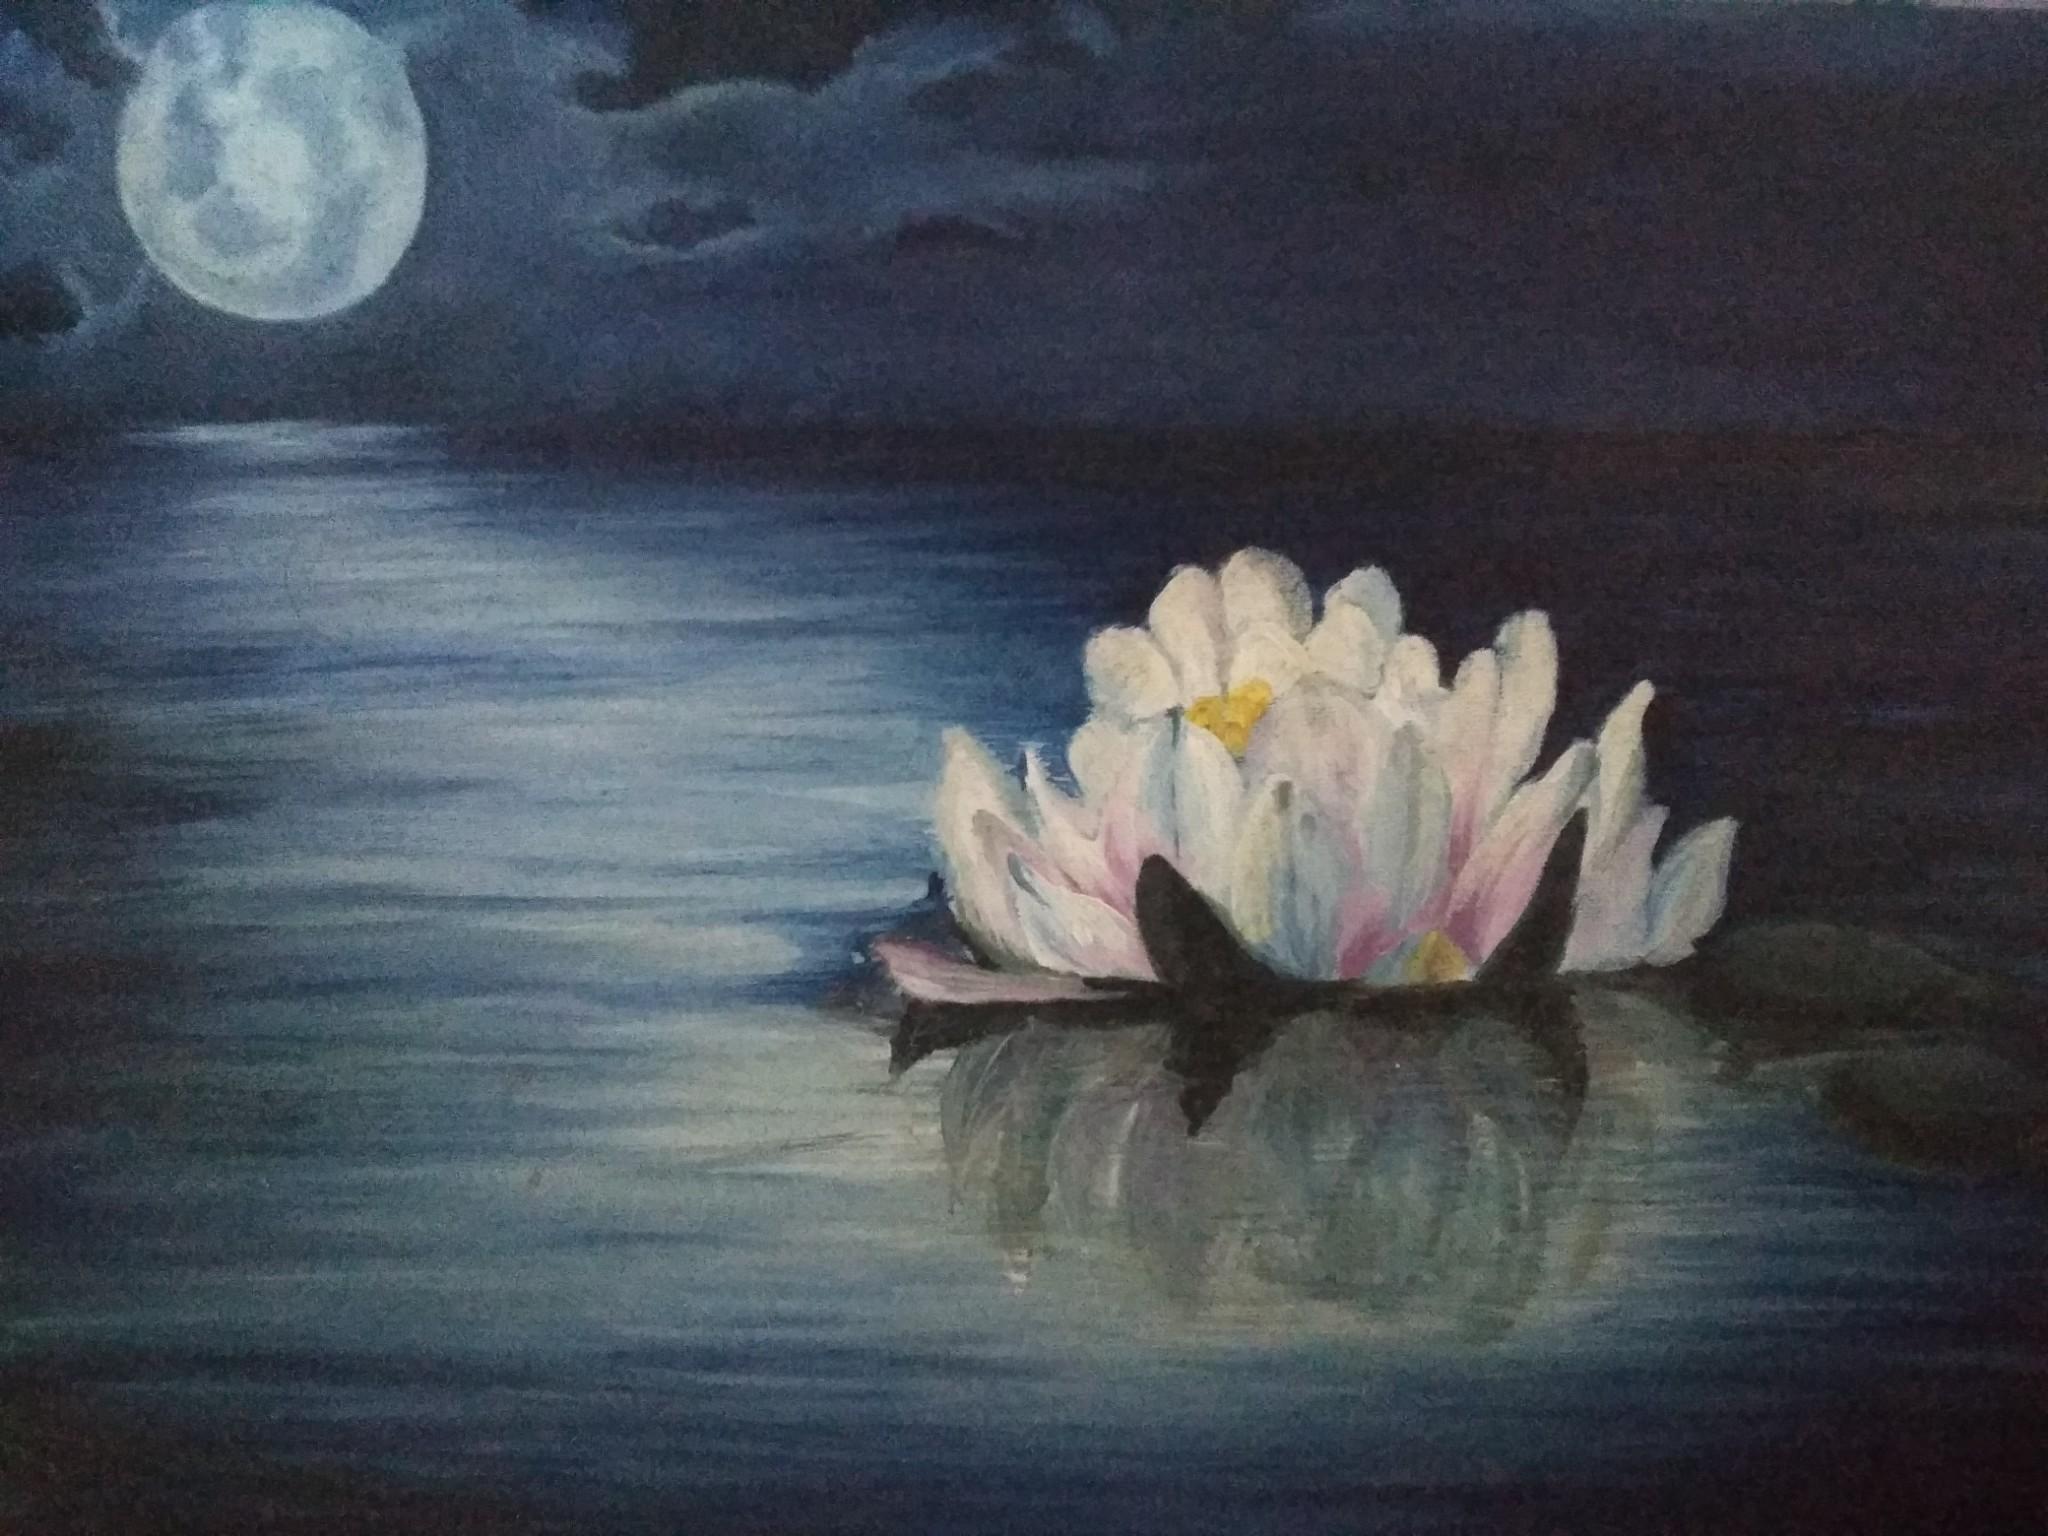 Moon Lit Fine Art  by Neha Pandey